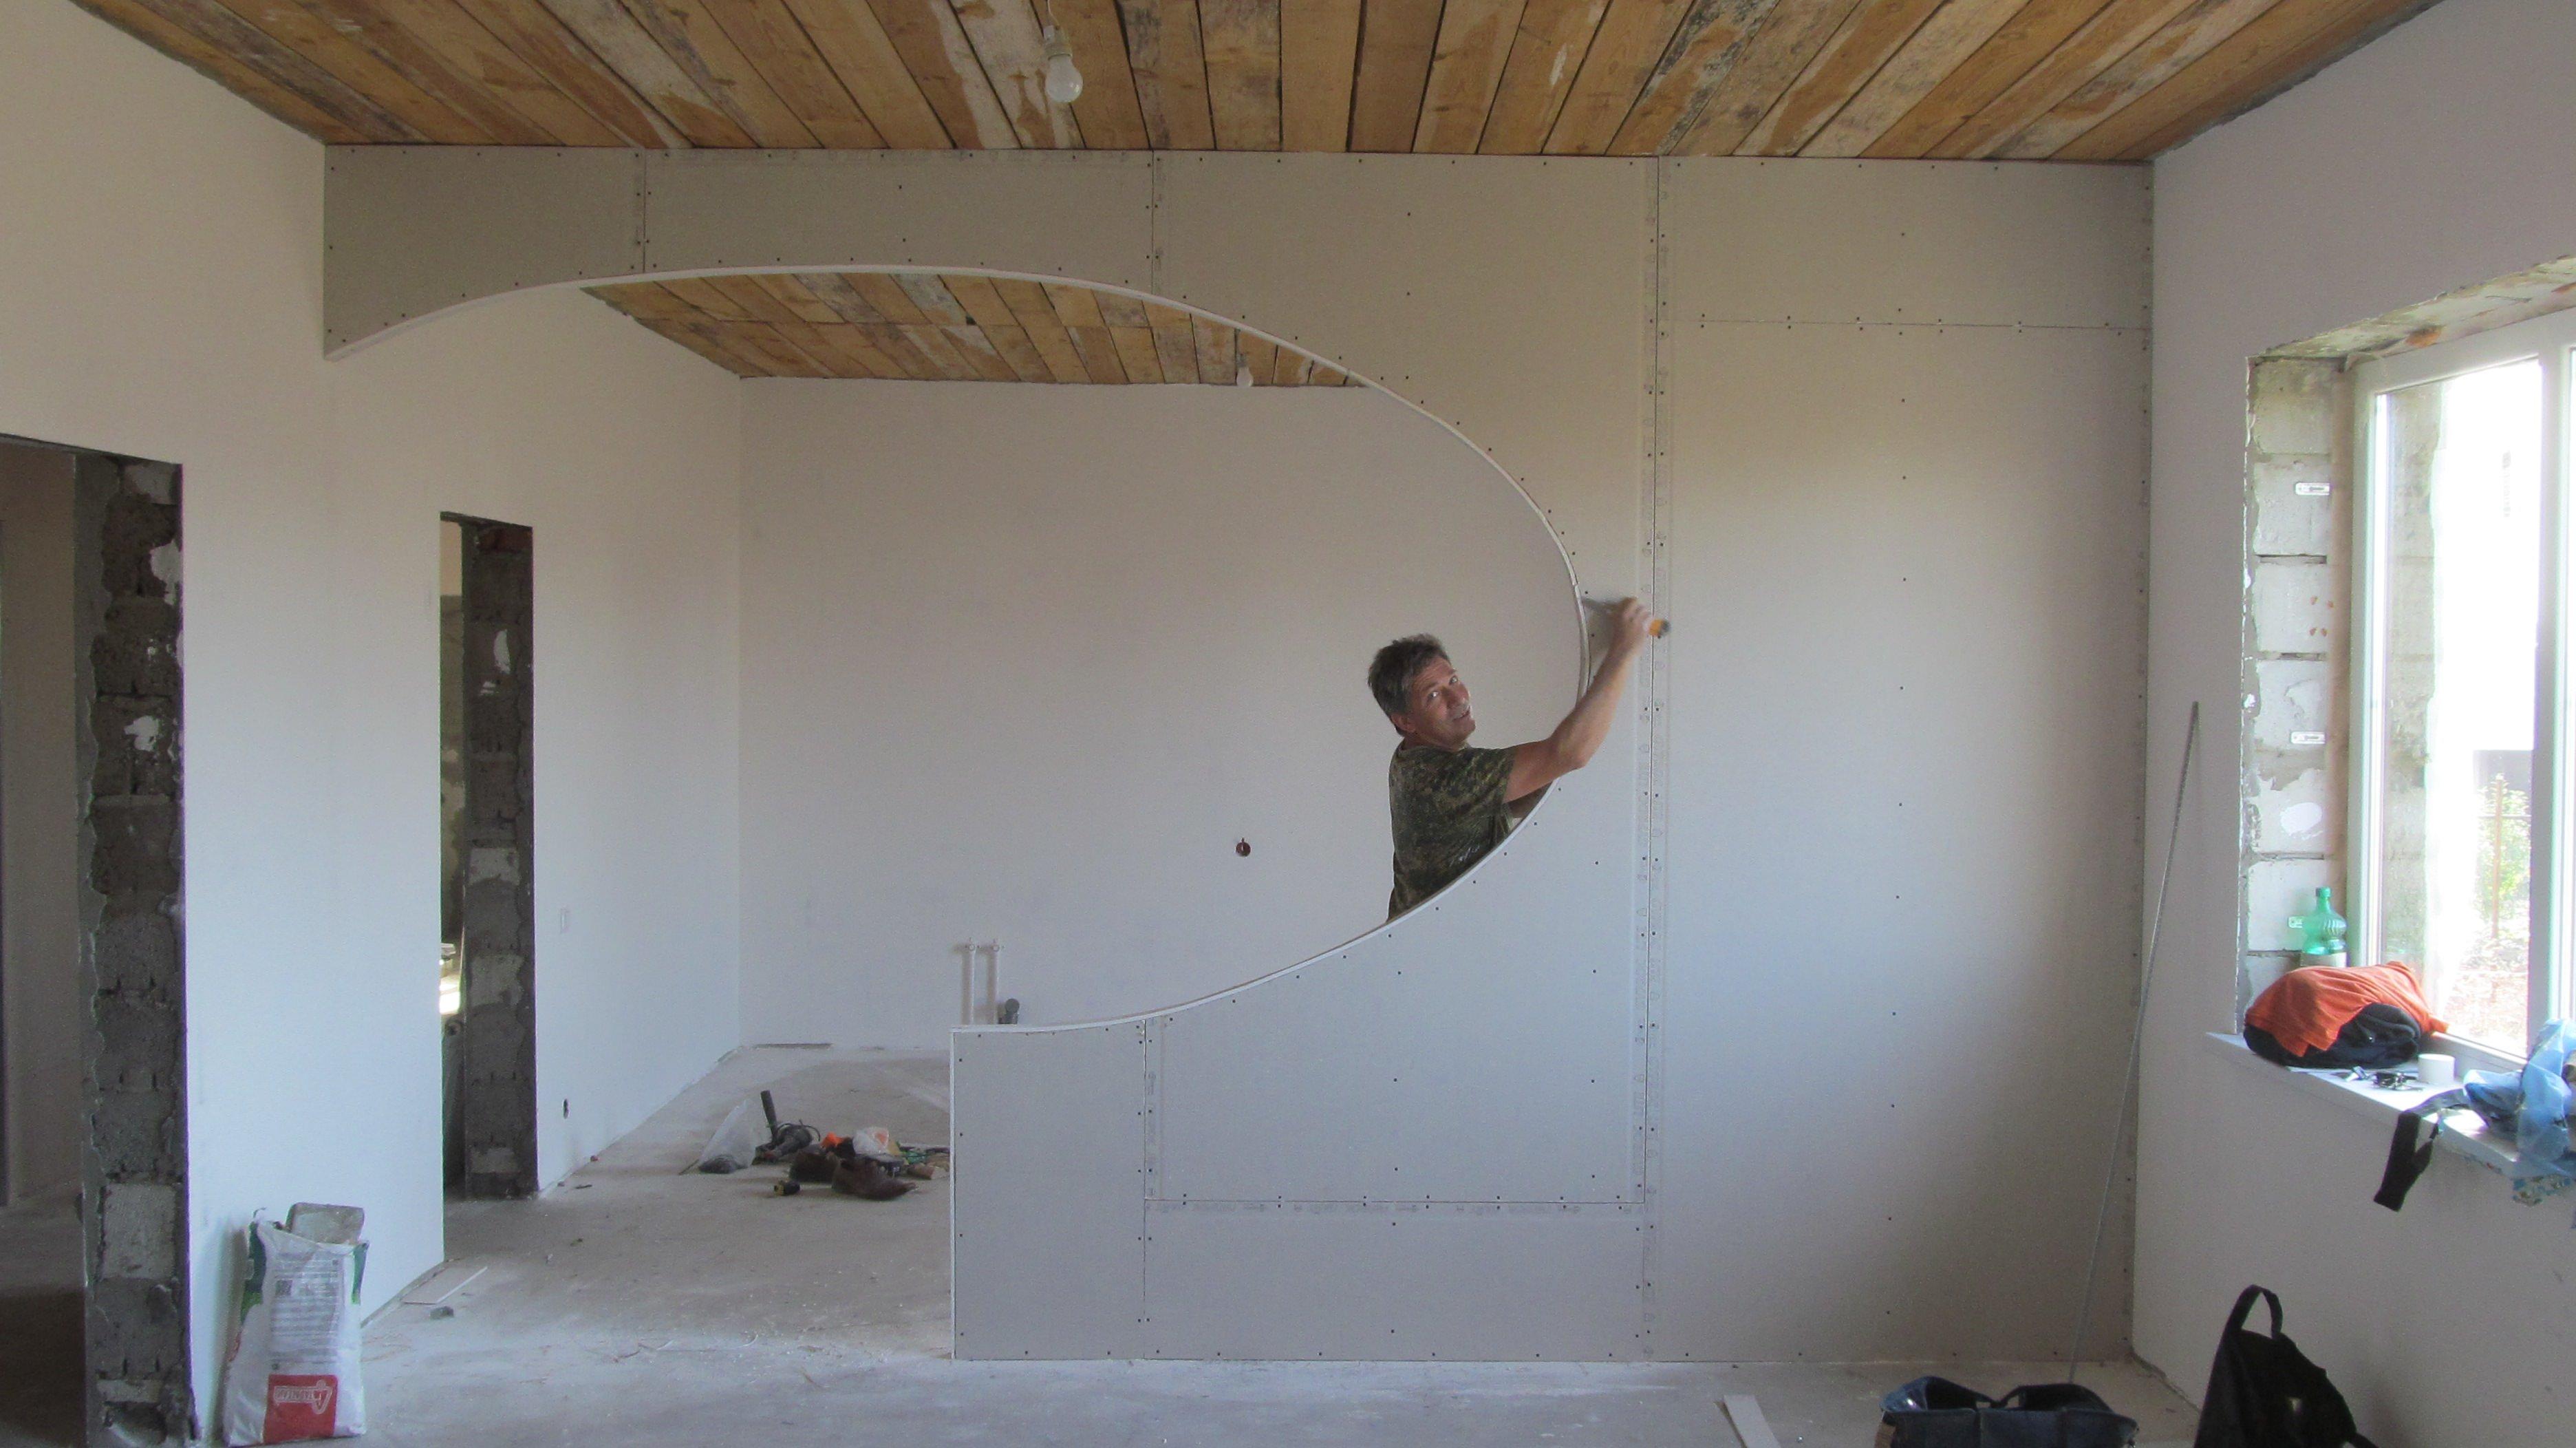 свой фото дома со стенами из гипсокартона обмундирования зависит принадлежности